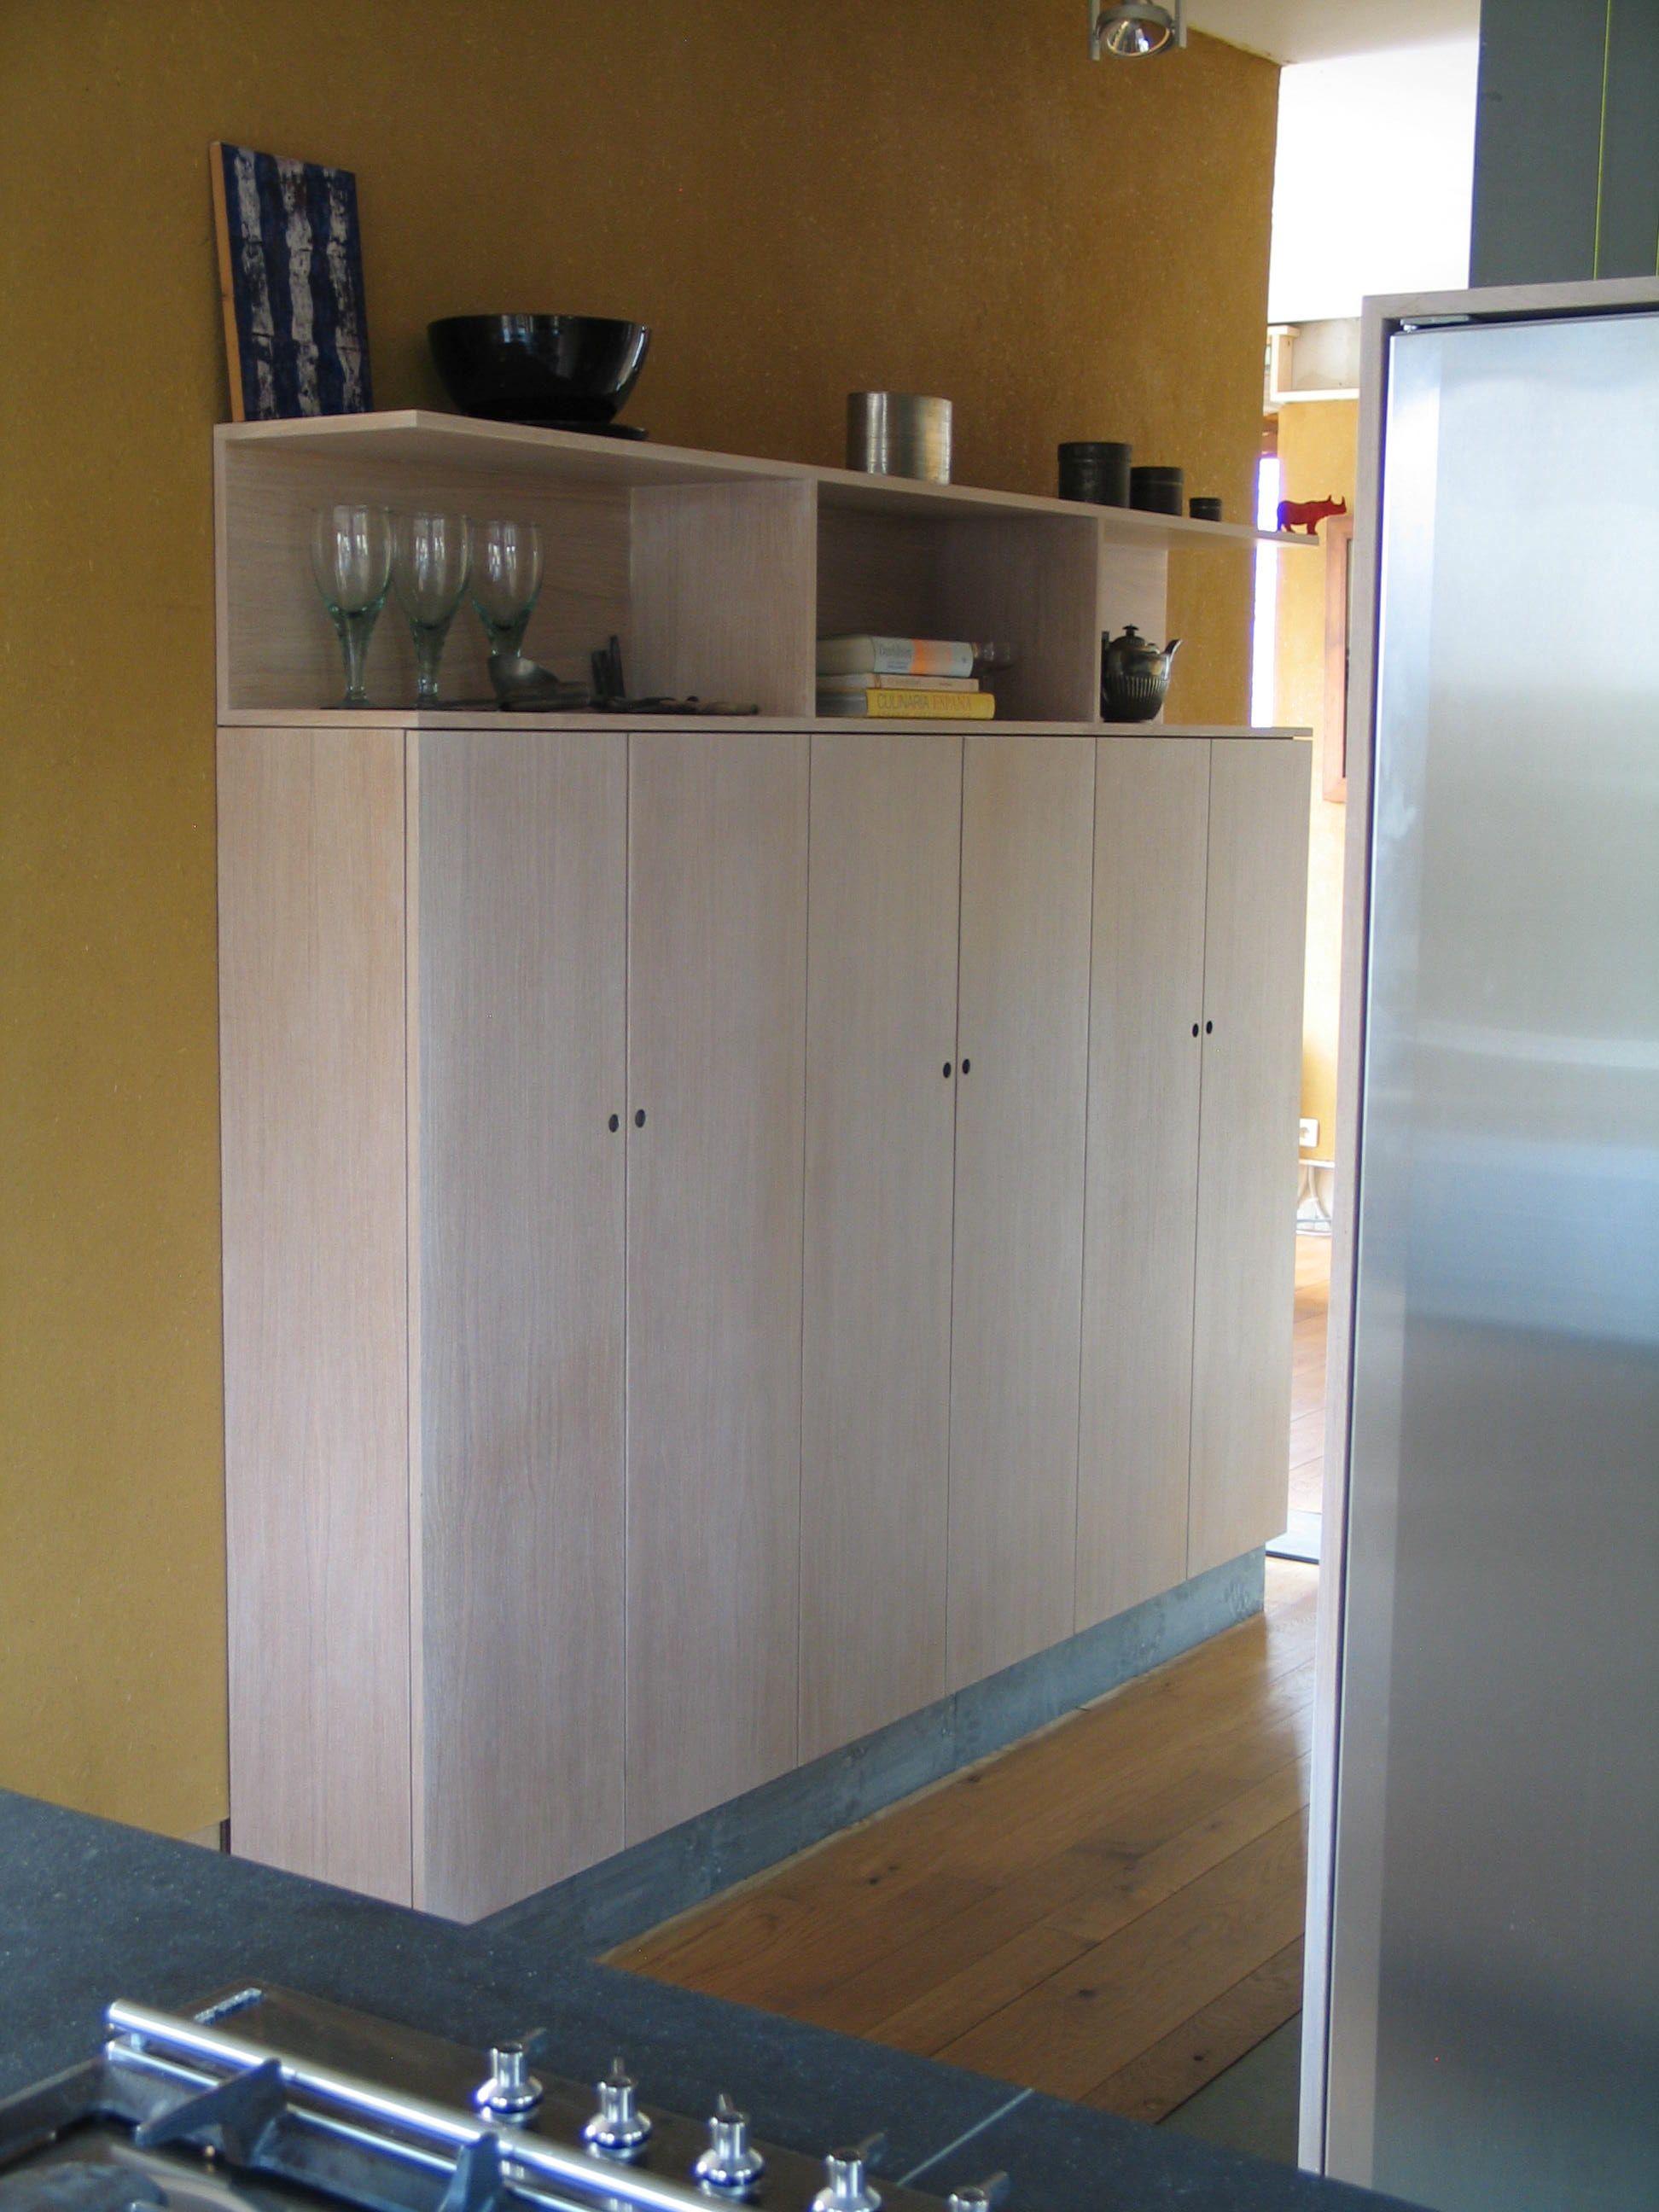 Keuken Opbergkast : zeer handige opbergkast, waarin ook een microgolfoven is verborgen